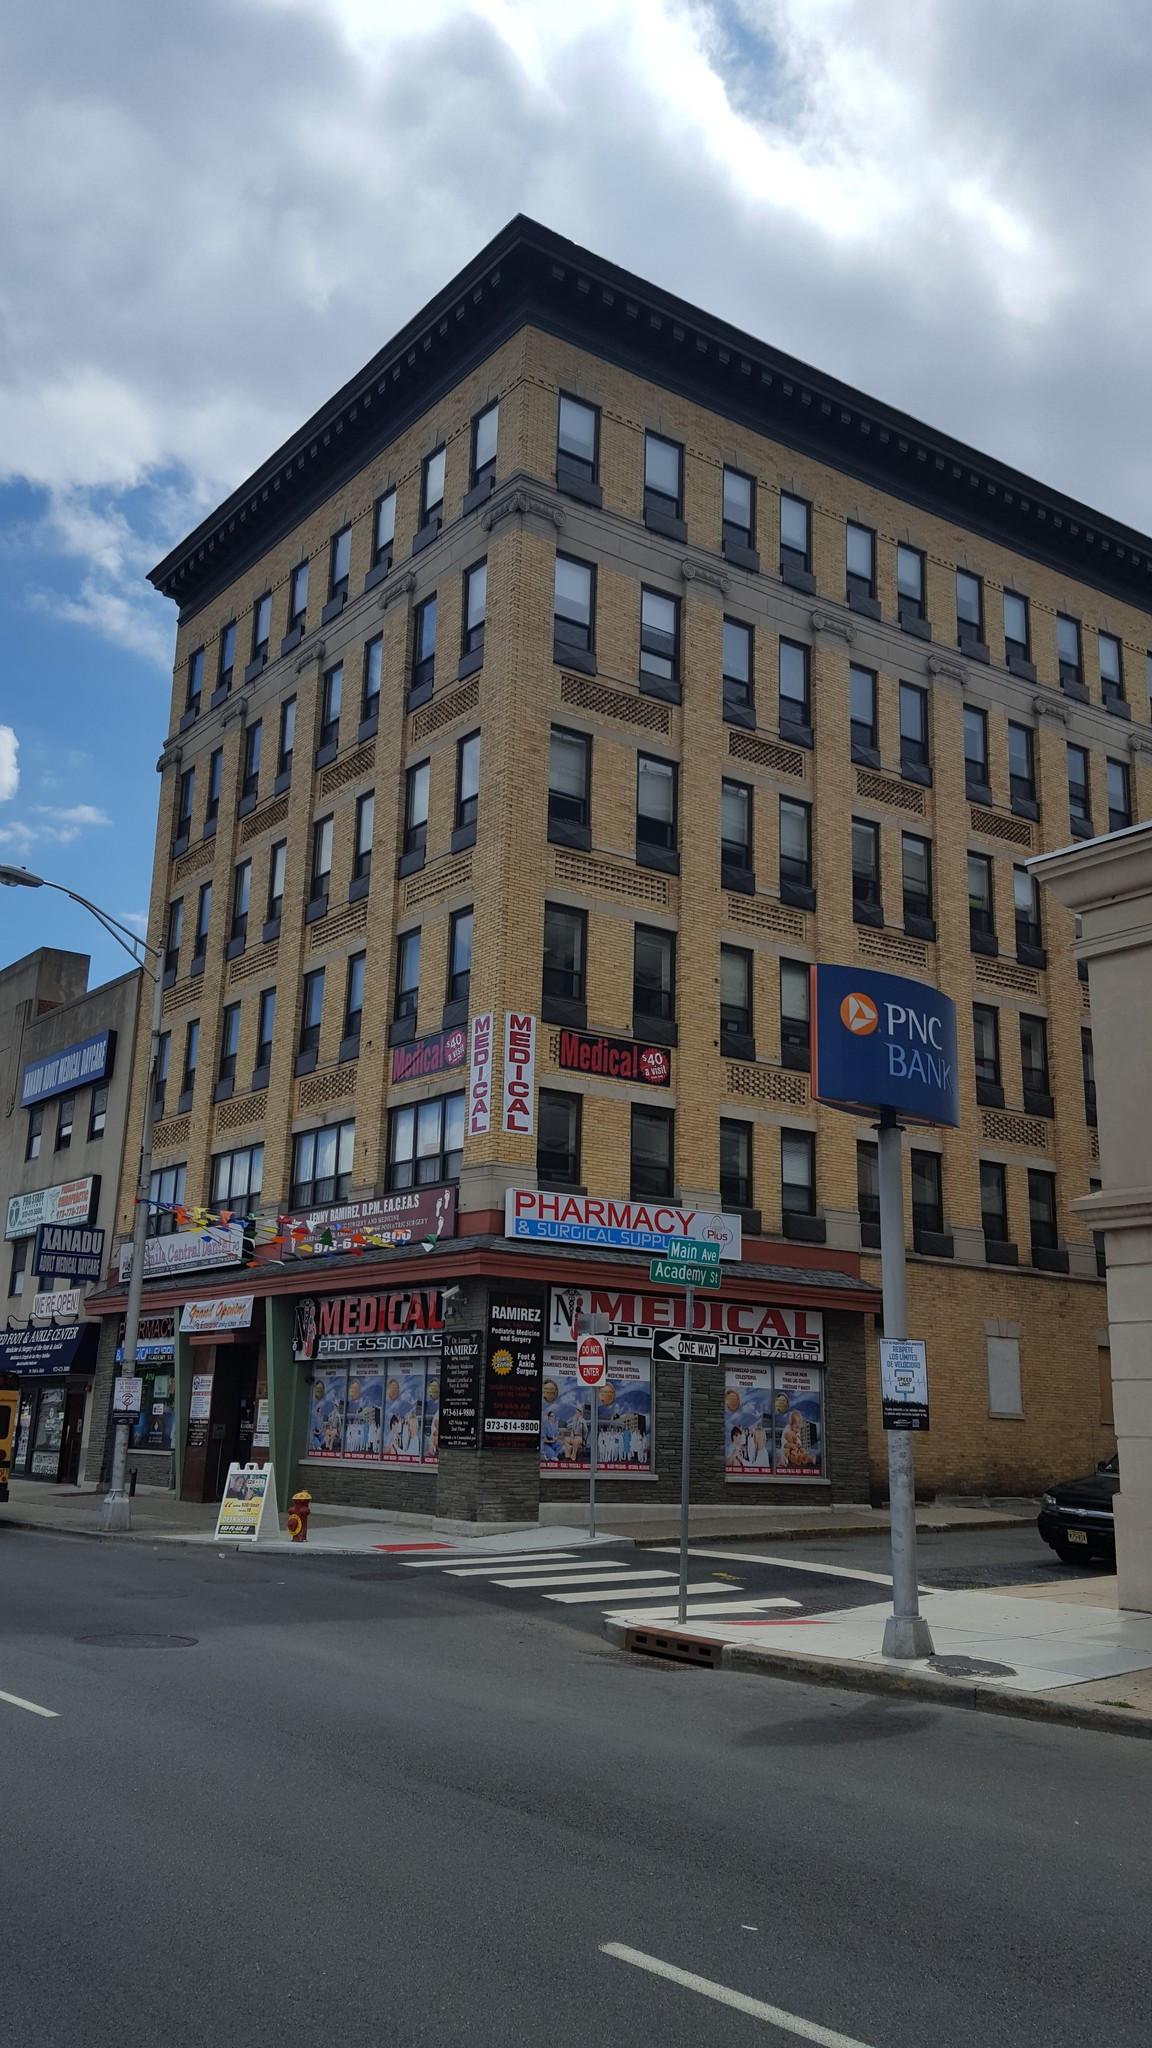 625 Main Ave, Passaic, NJ 07055